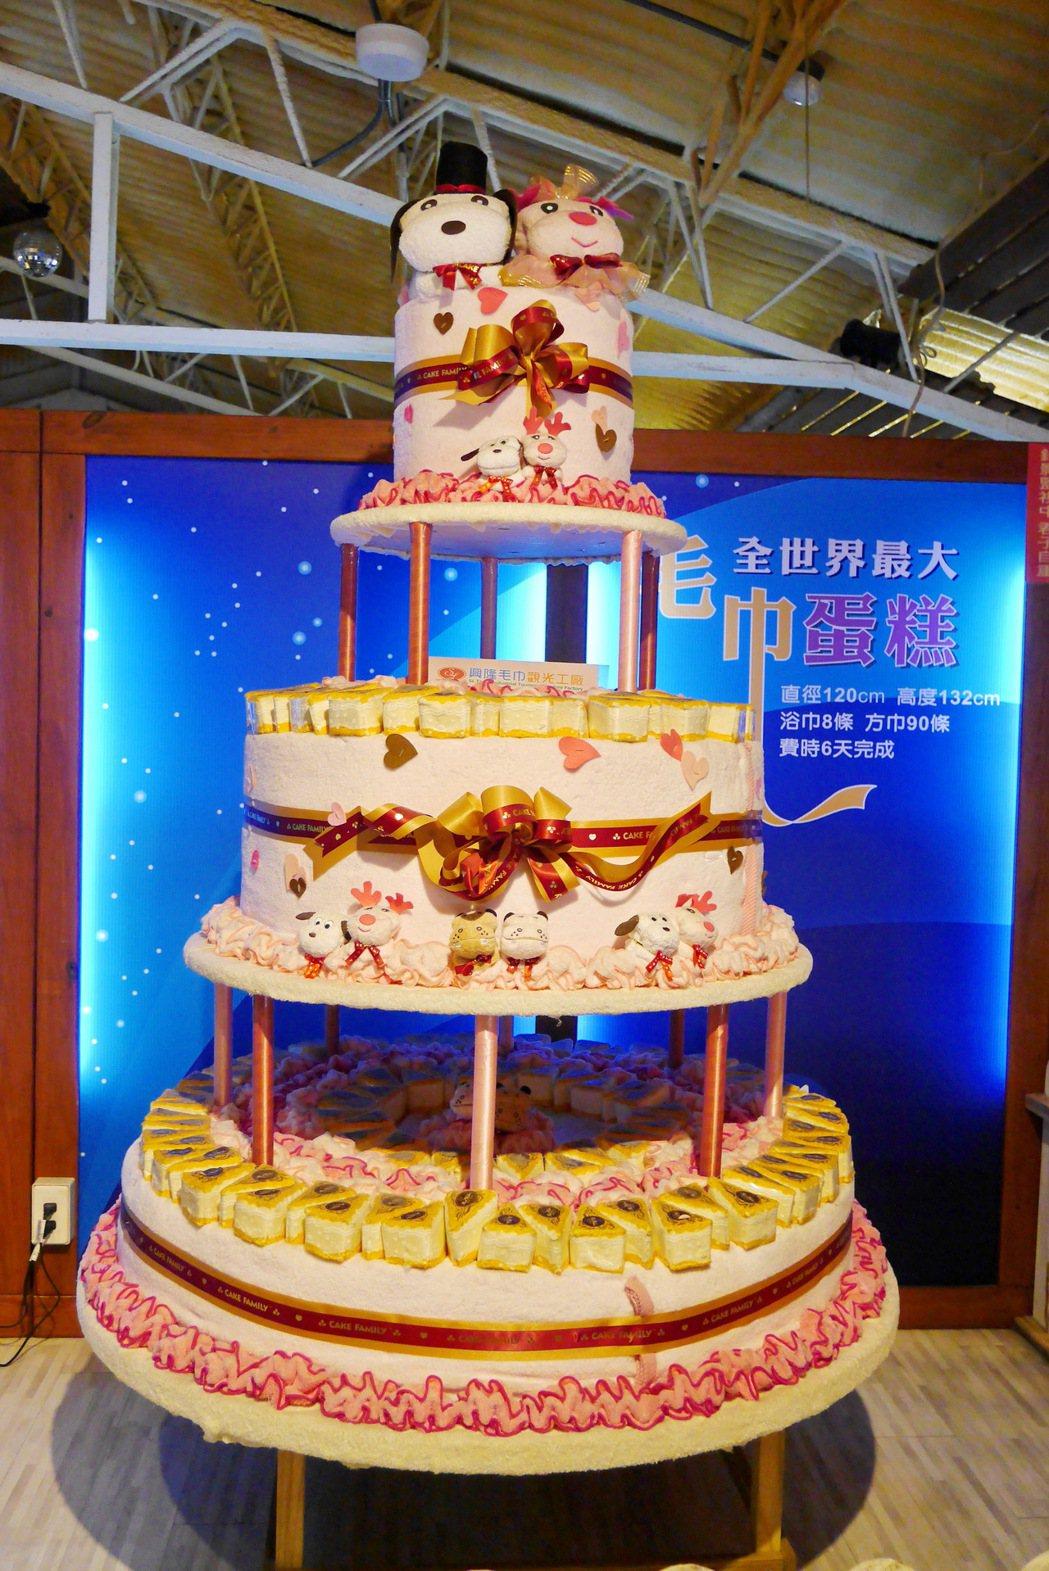 興隆毛巾觀光工廠展示一座全世界最大的毛巾蛋糕。 記者陳威任/攝影